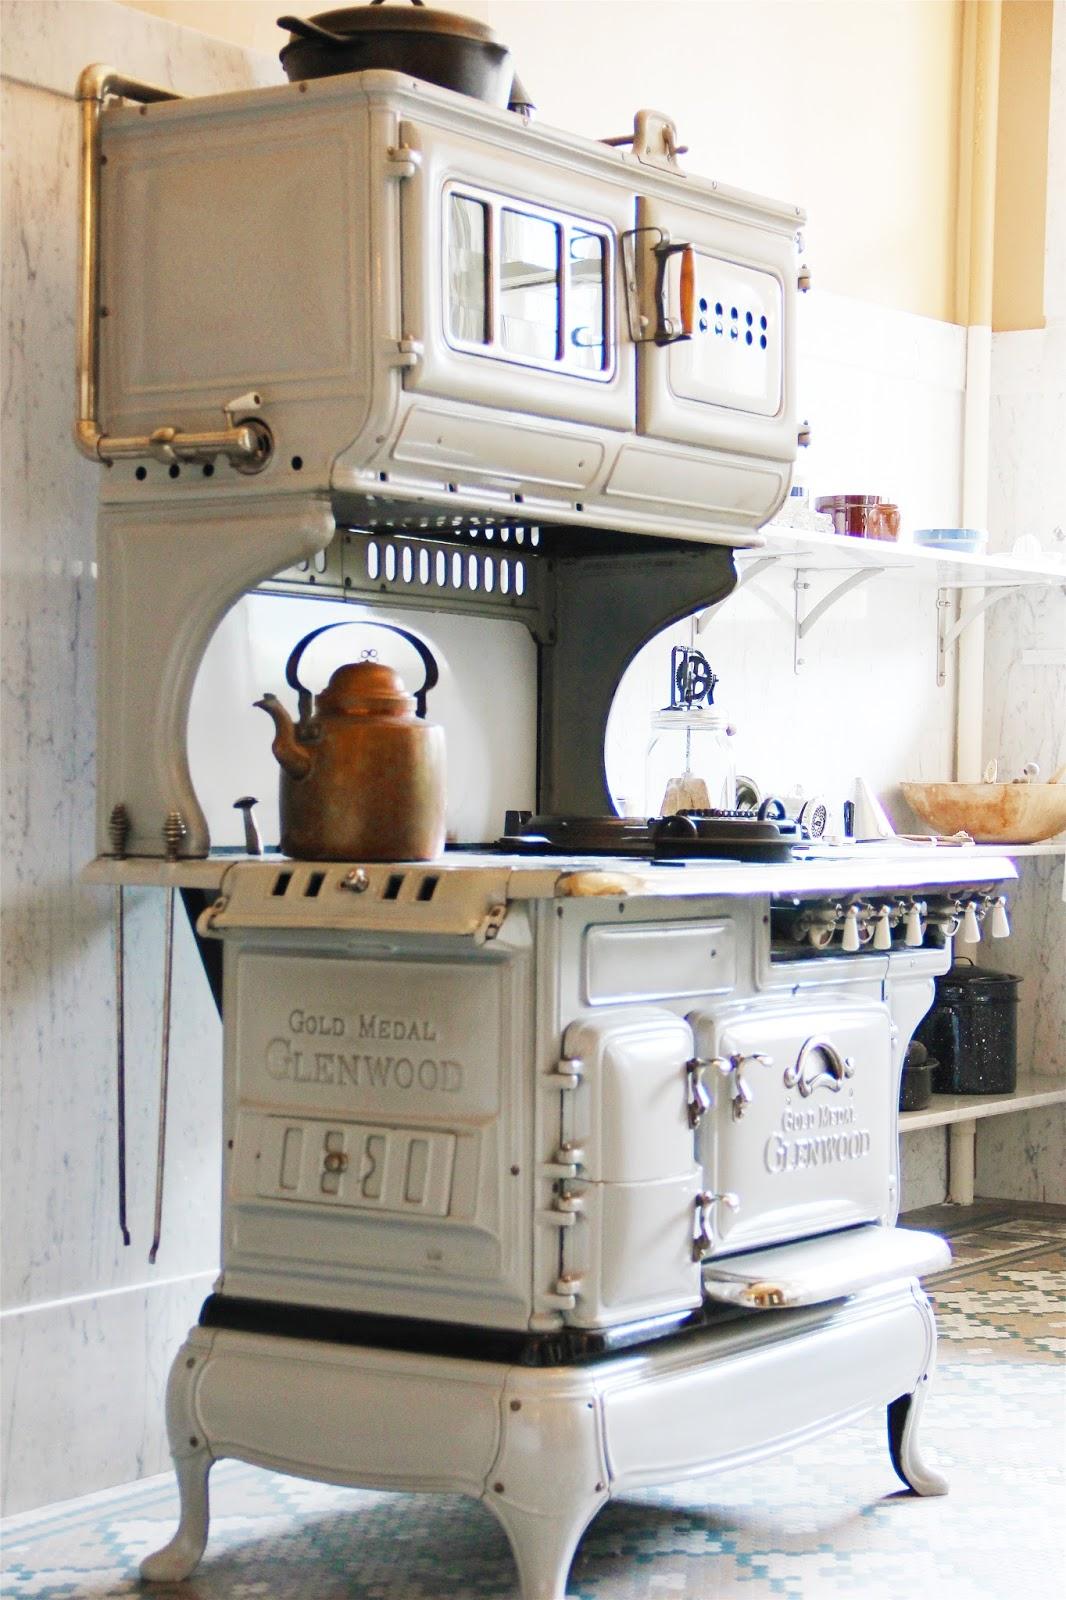 Patrzeć na życie w zachwycie Urocze kuchnie w stylu retro -> Kuchnia Gazowa Retro Wolnostojąca